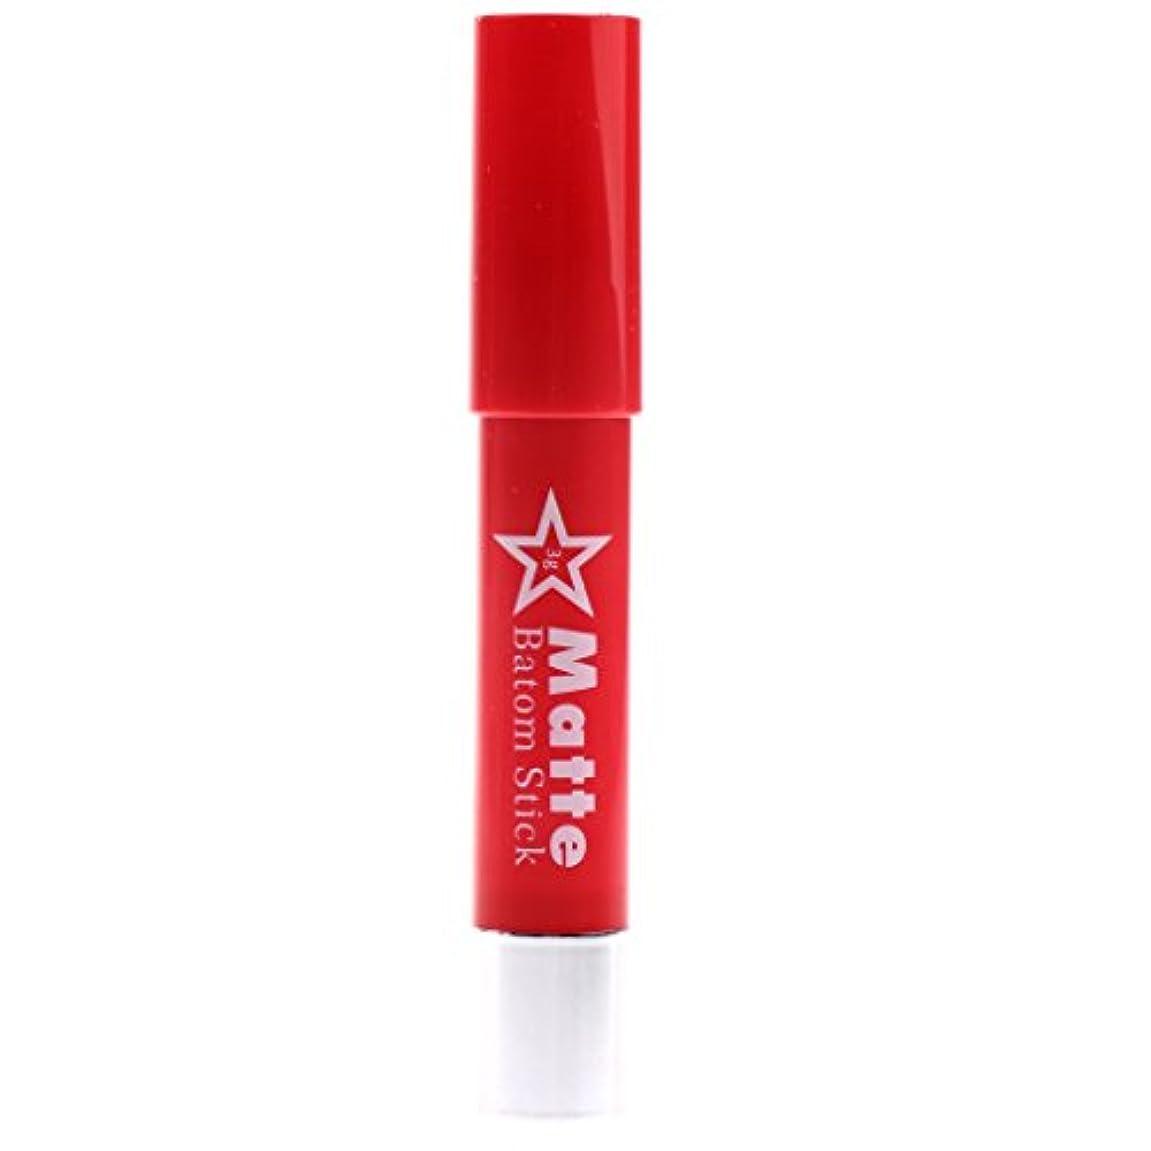 立証する邪魔盗賊口紅 リップスティック マットグロスリップ 長持ち 保湿 高彩度カラー ポータブルサイズ 6色セット - #F